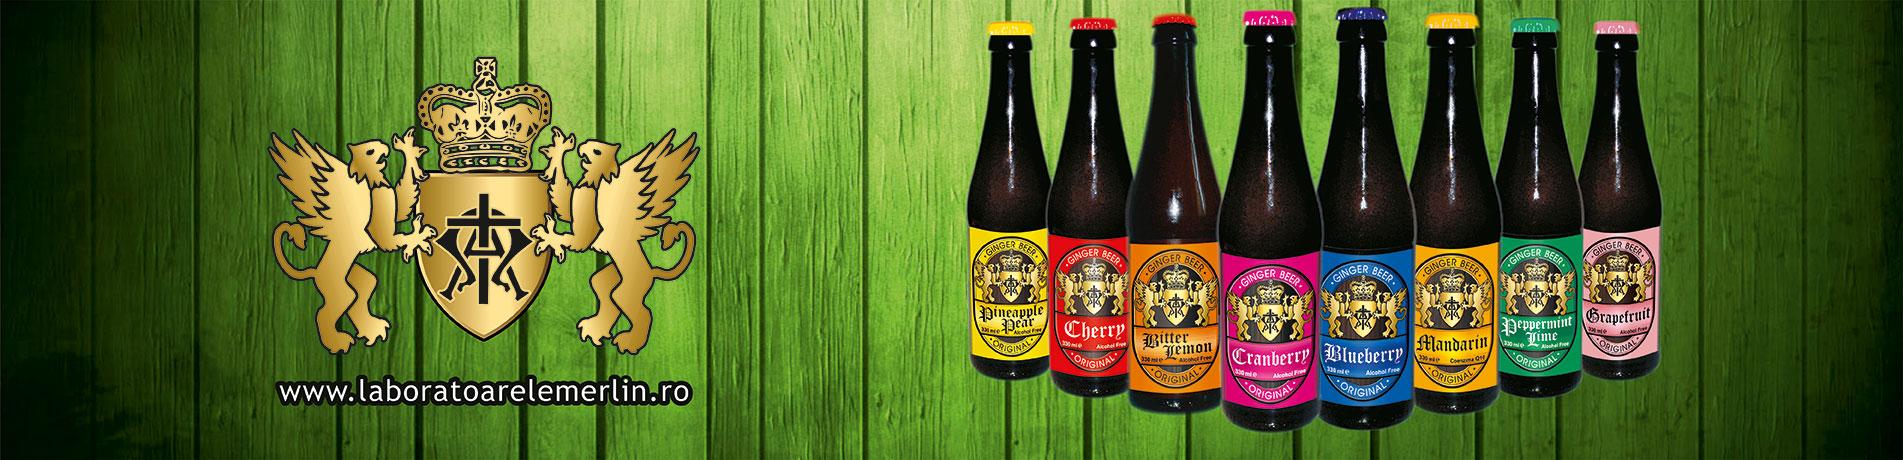 banner-ginger-beer-bere-de-ghimbir-3